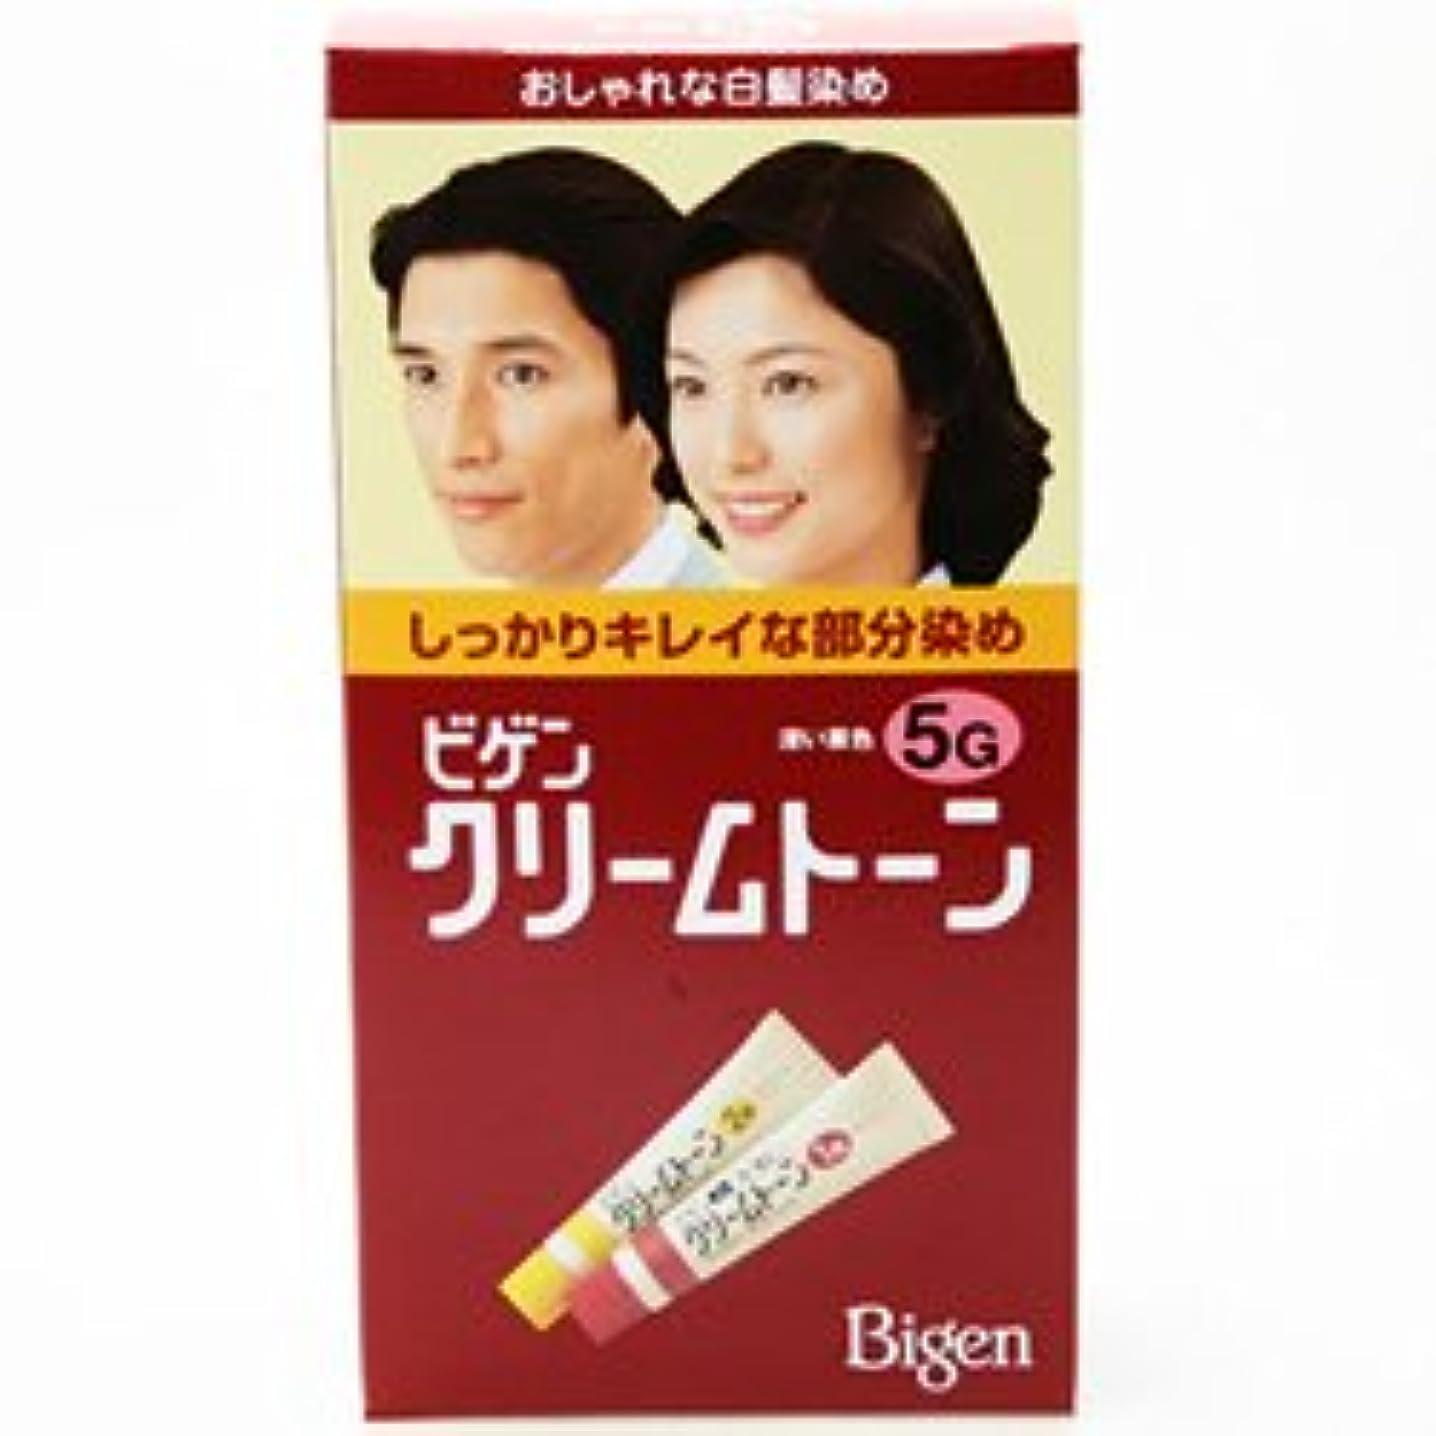 聴覚障害者風買い物に行くビゲンクリームトーン 5G 深い栗色 (40g+40g)